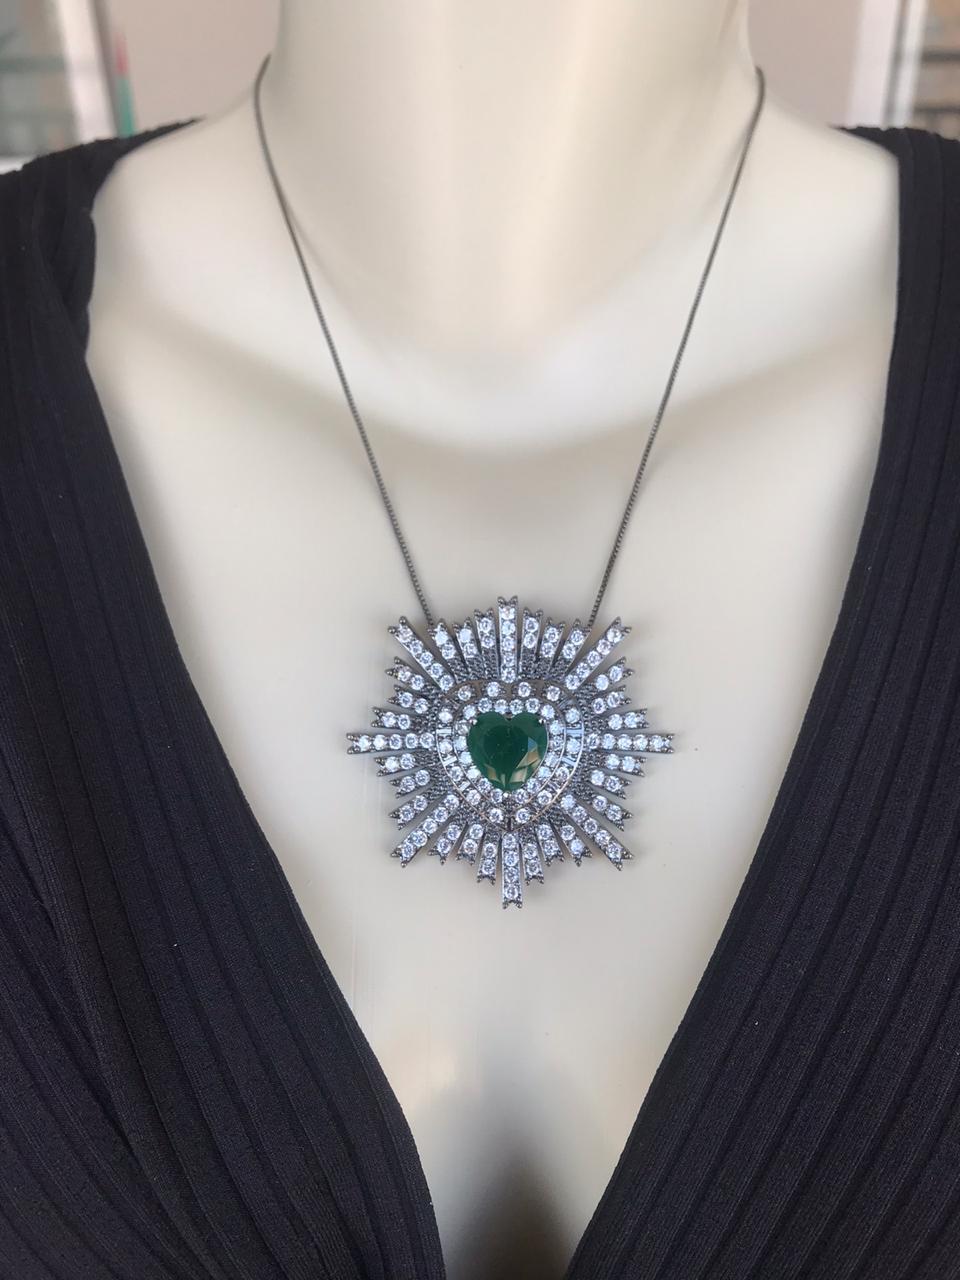 Colar Coração com Zircônia Verde Cristal banhado em Ródio Negro